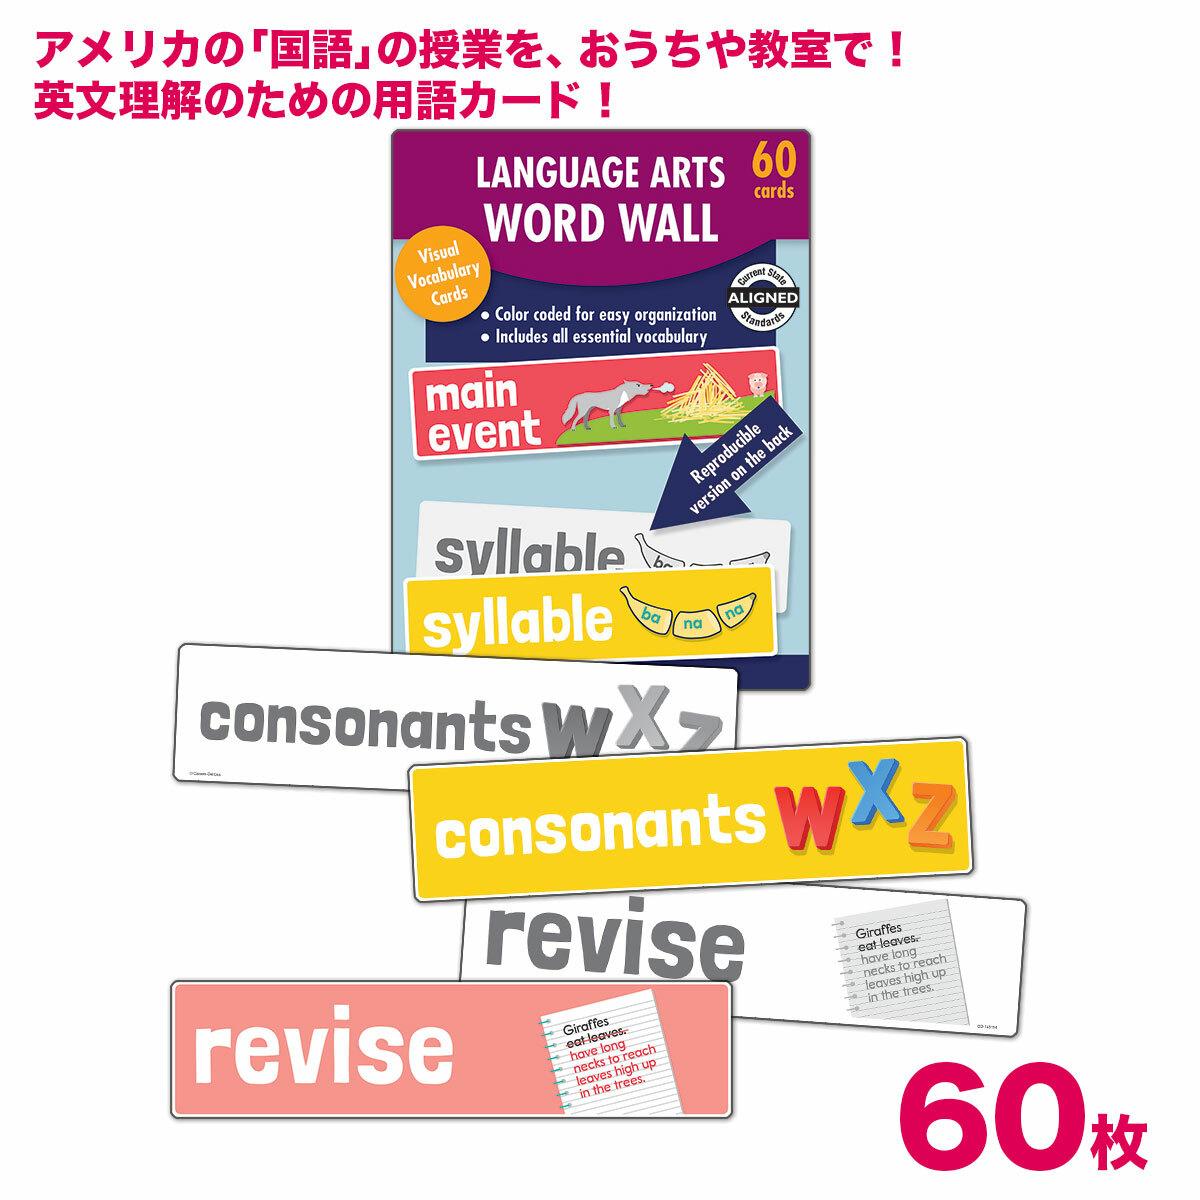 英文を理解するための「大きな文法ワードカード」60語セット